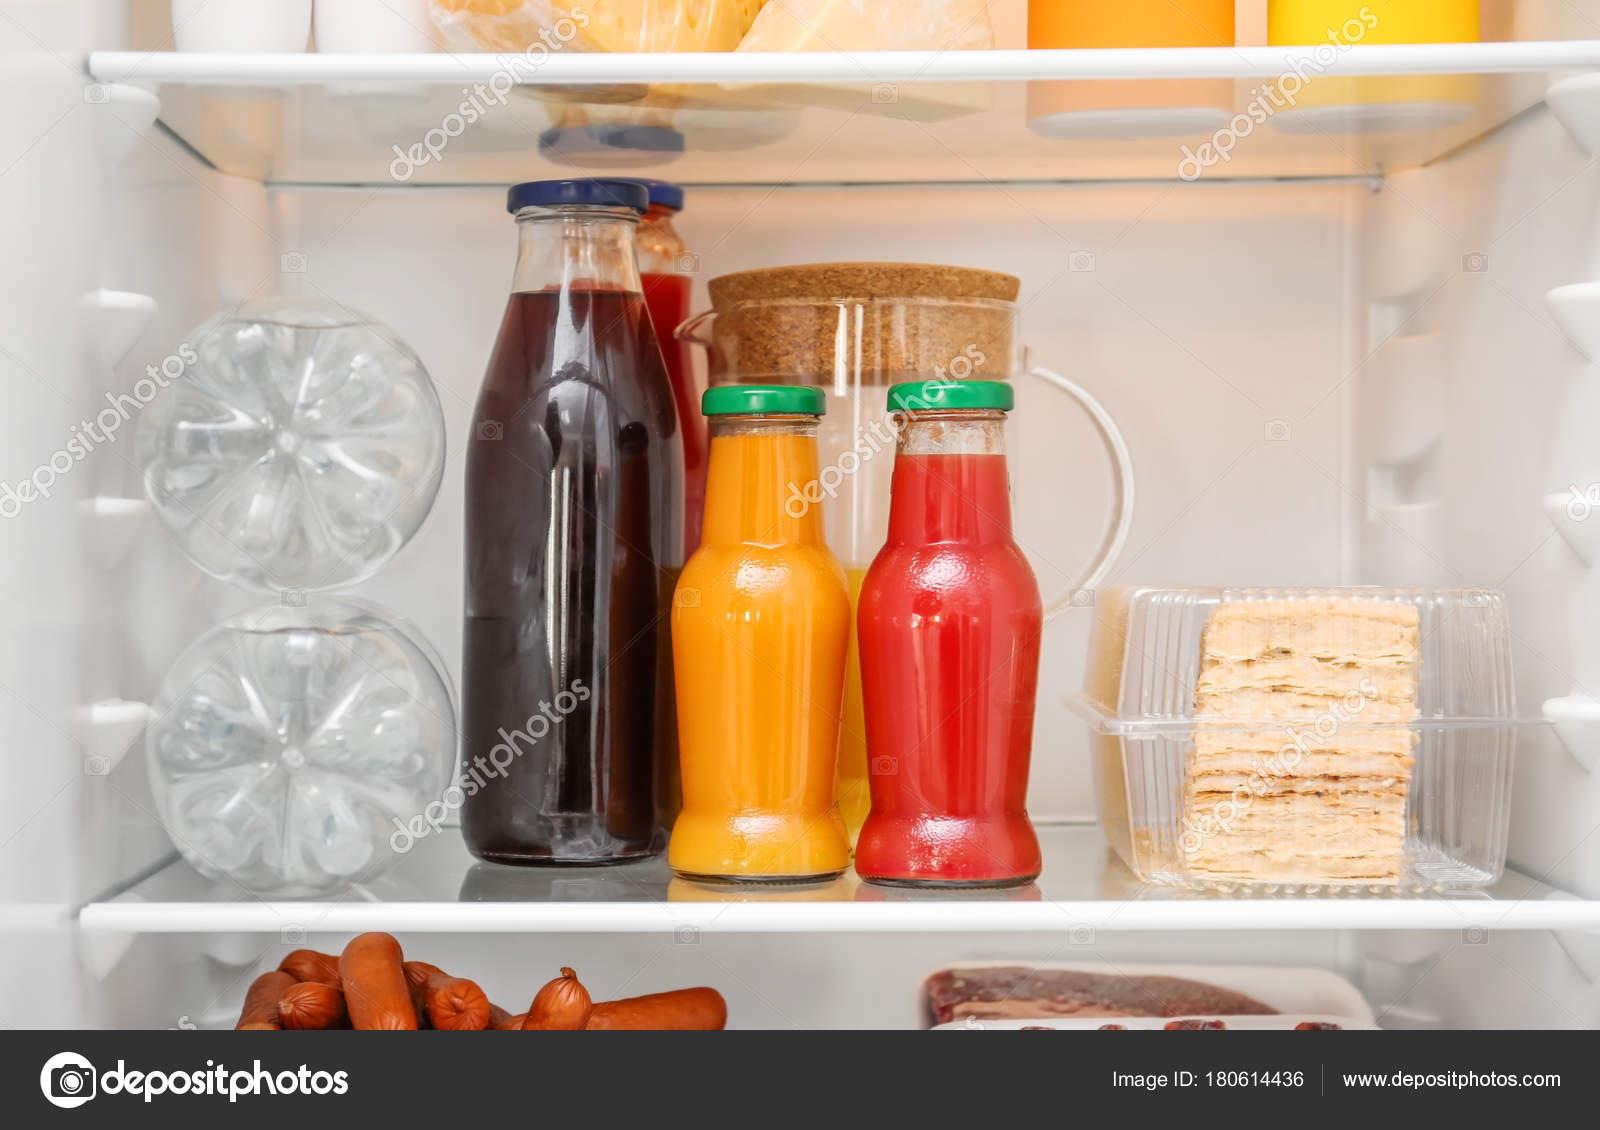 Kühlschrank Regal : Flaschen mit wasser und saft kühlschrank regal u stockfoto